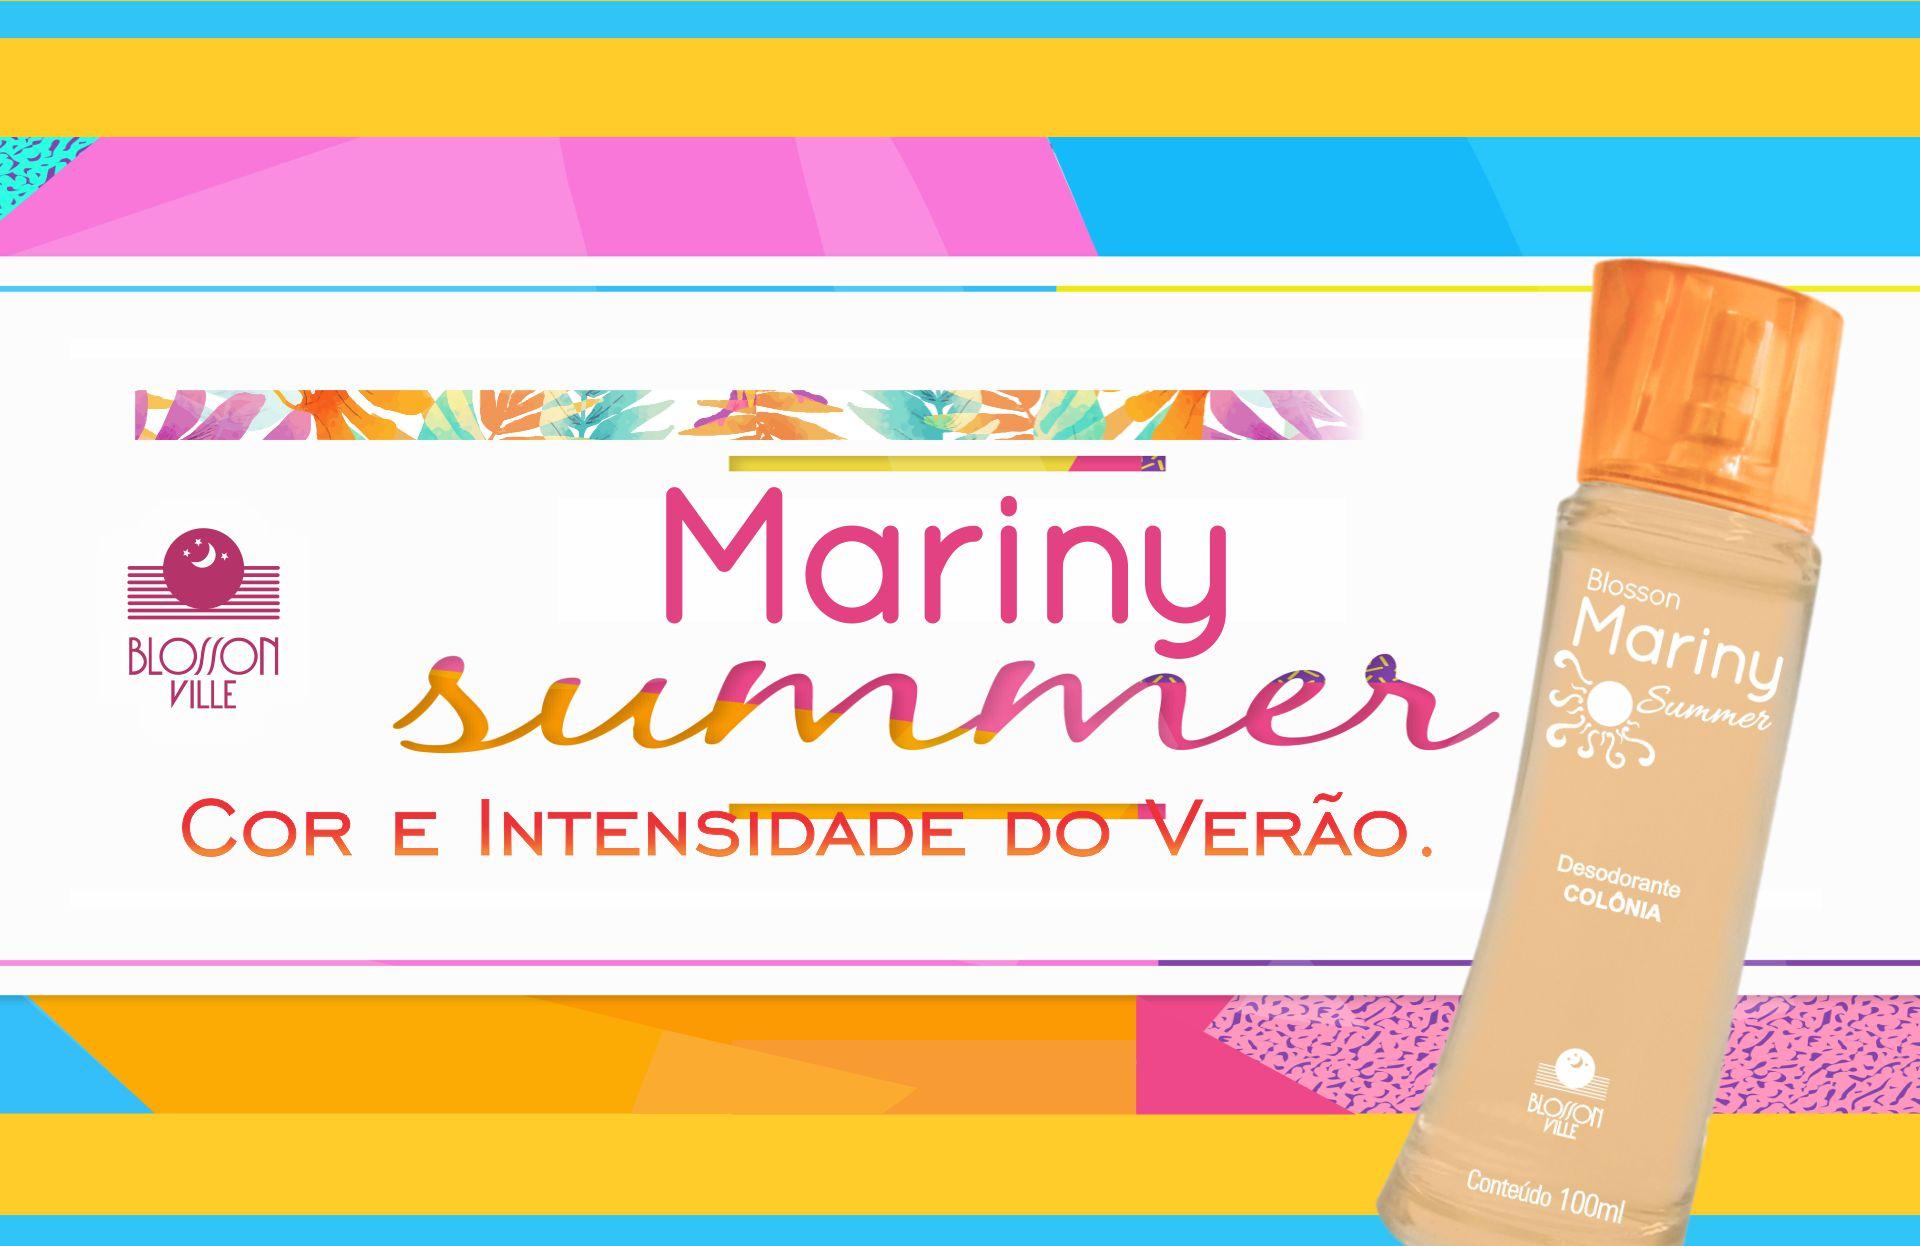 mariny summer